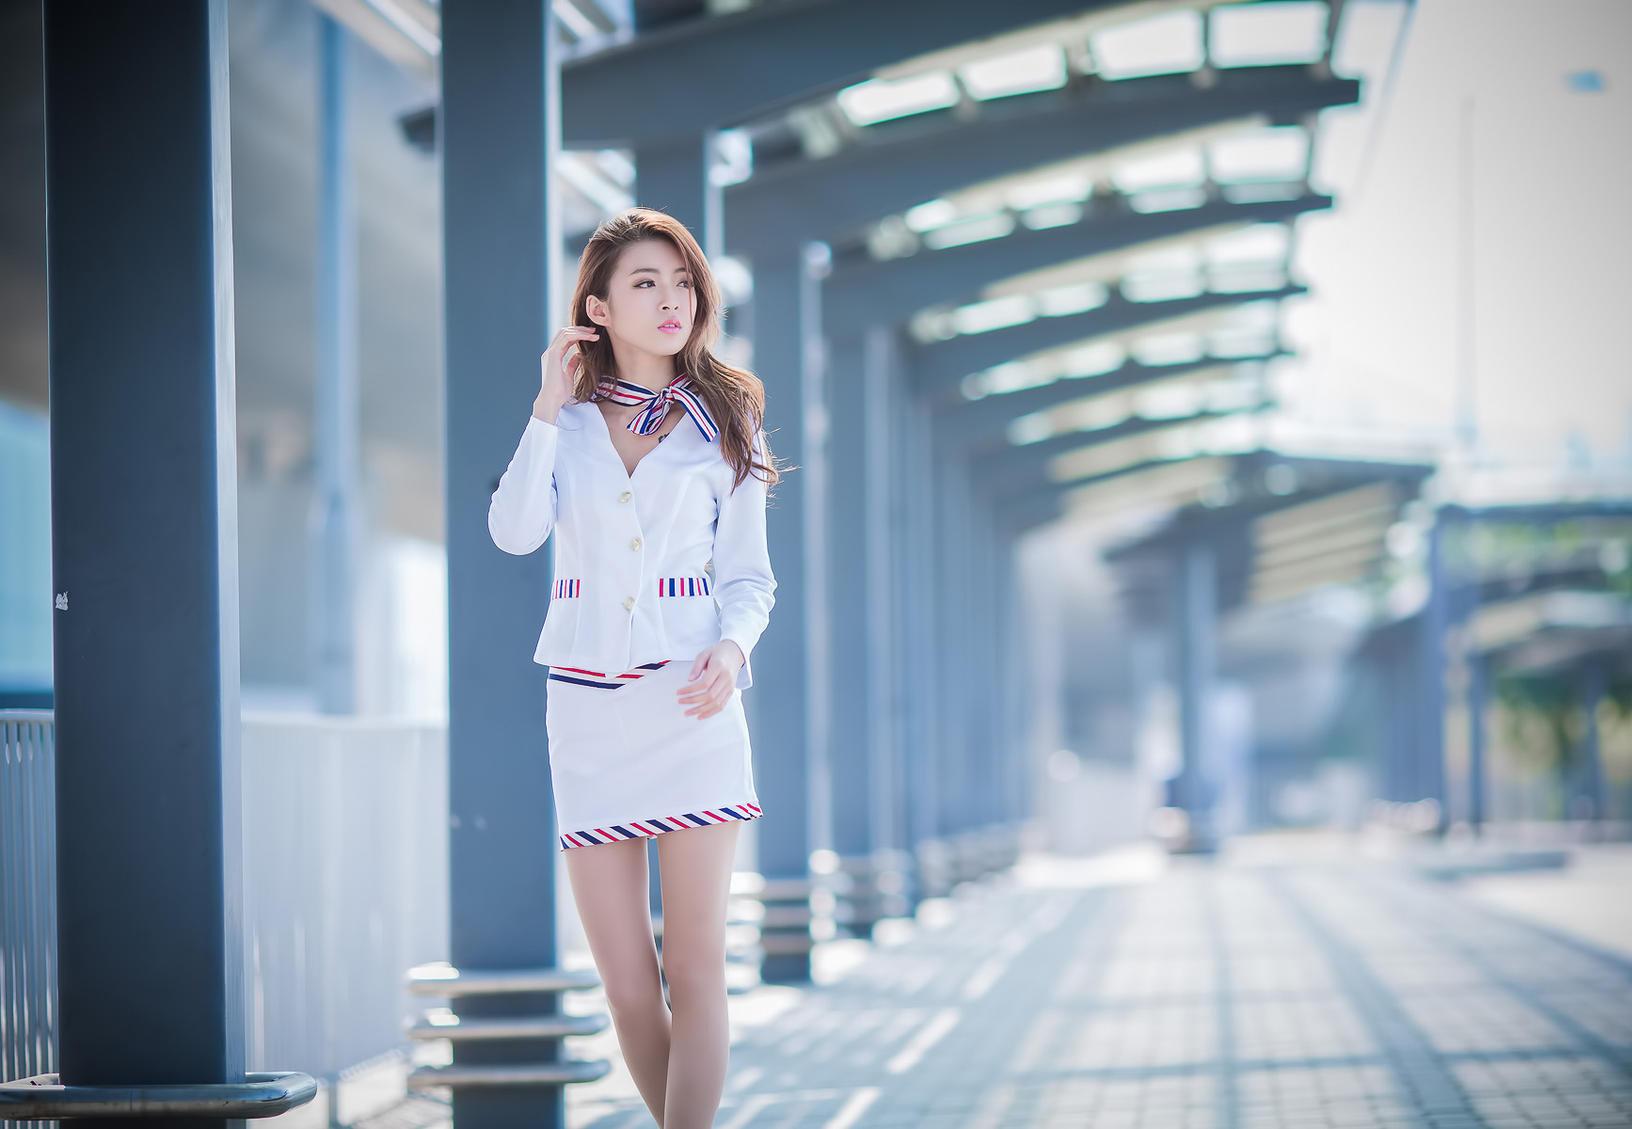 空姐制服美女147艺术人体美女诱惑写真